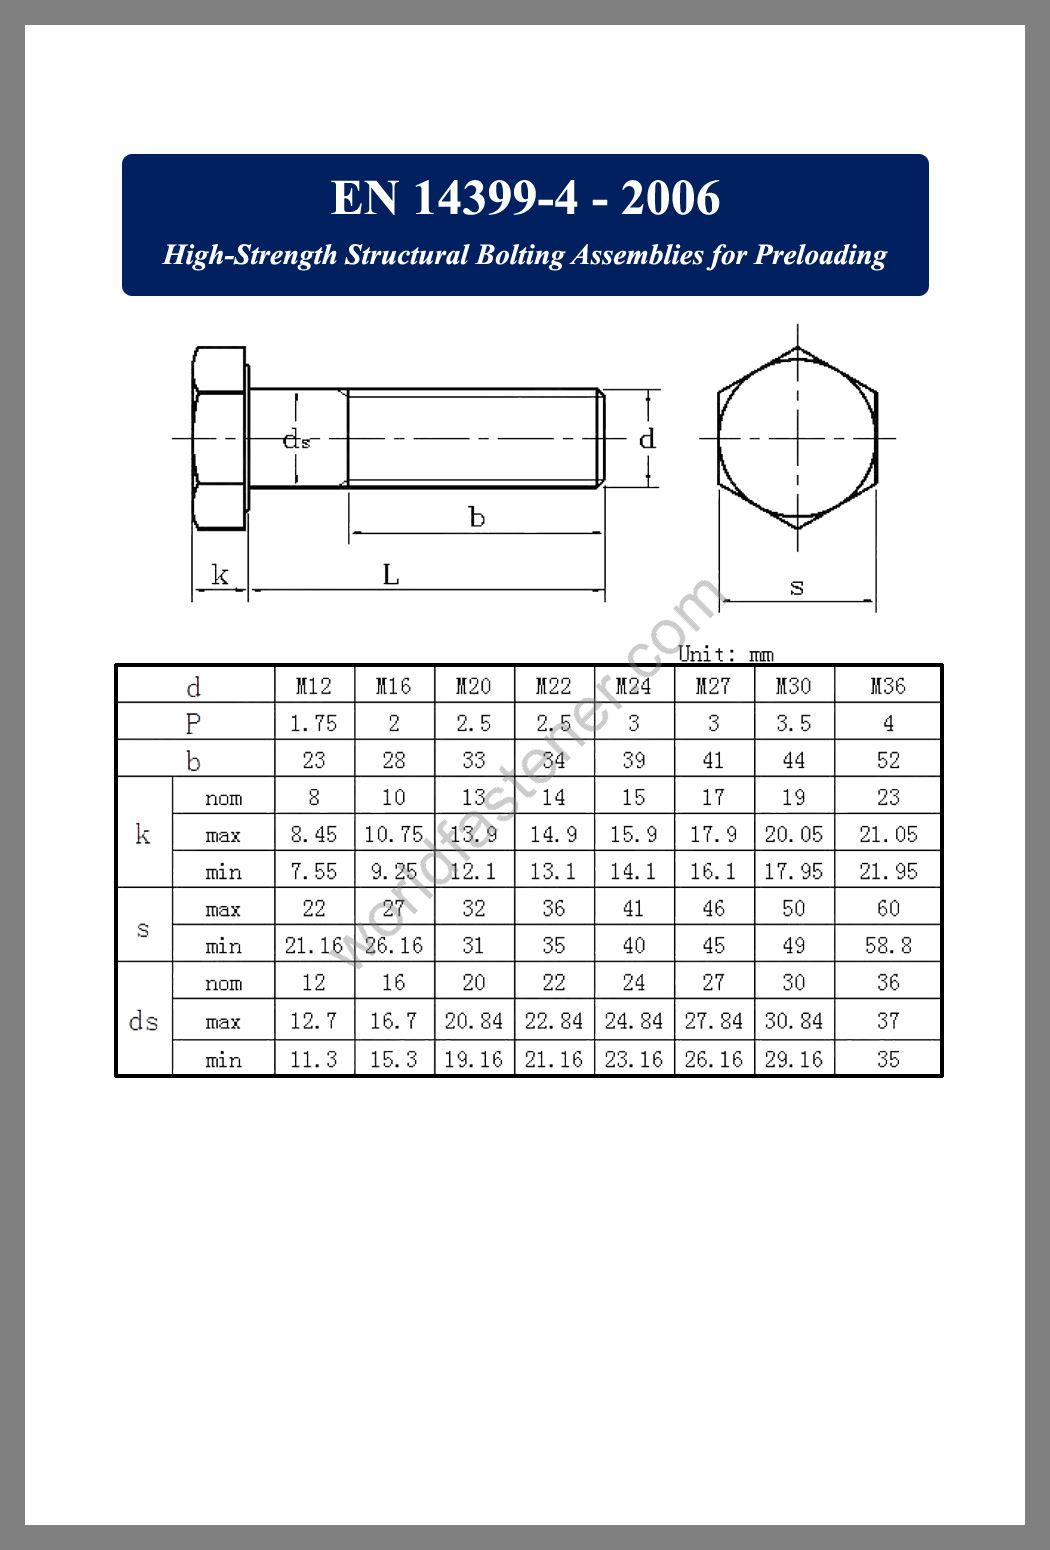 EN 14399-3, EN 14399-3 High Strength Structural Bolting, fastener, screw, bolt, EN bolt